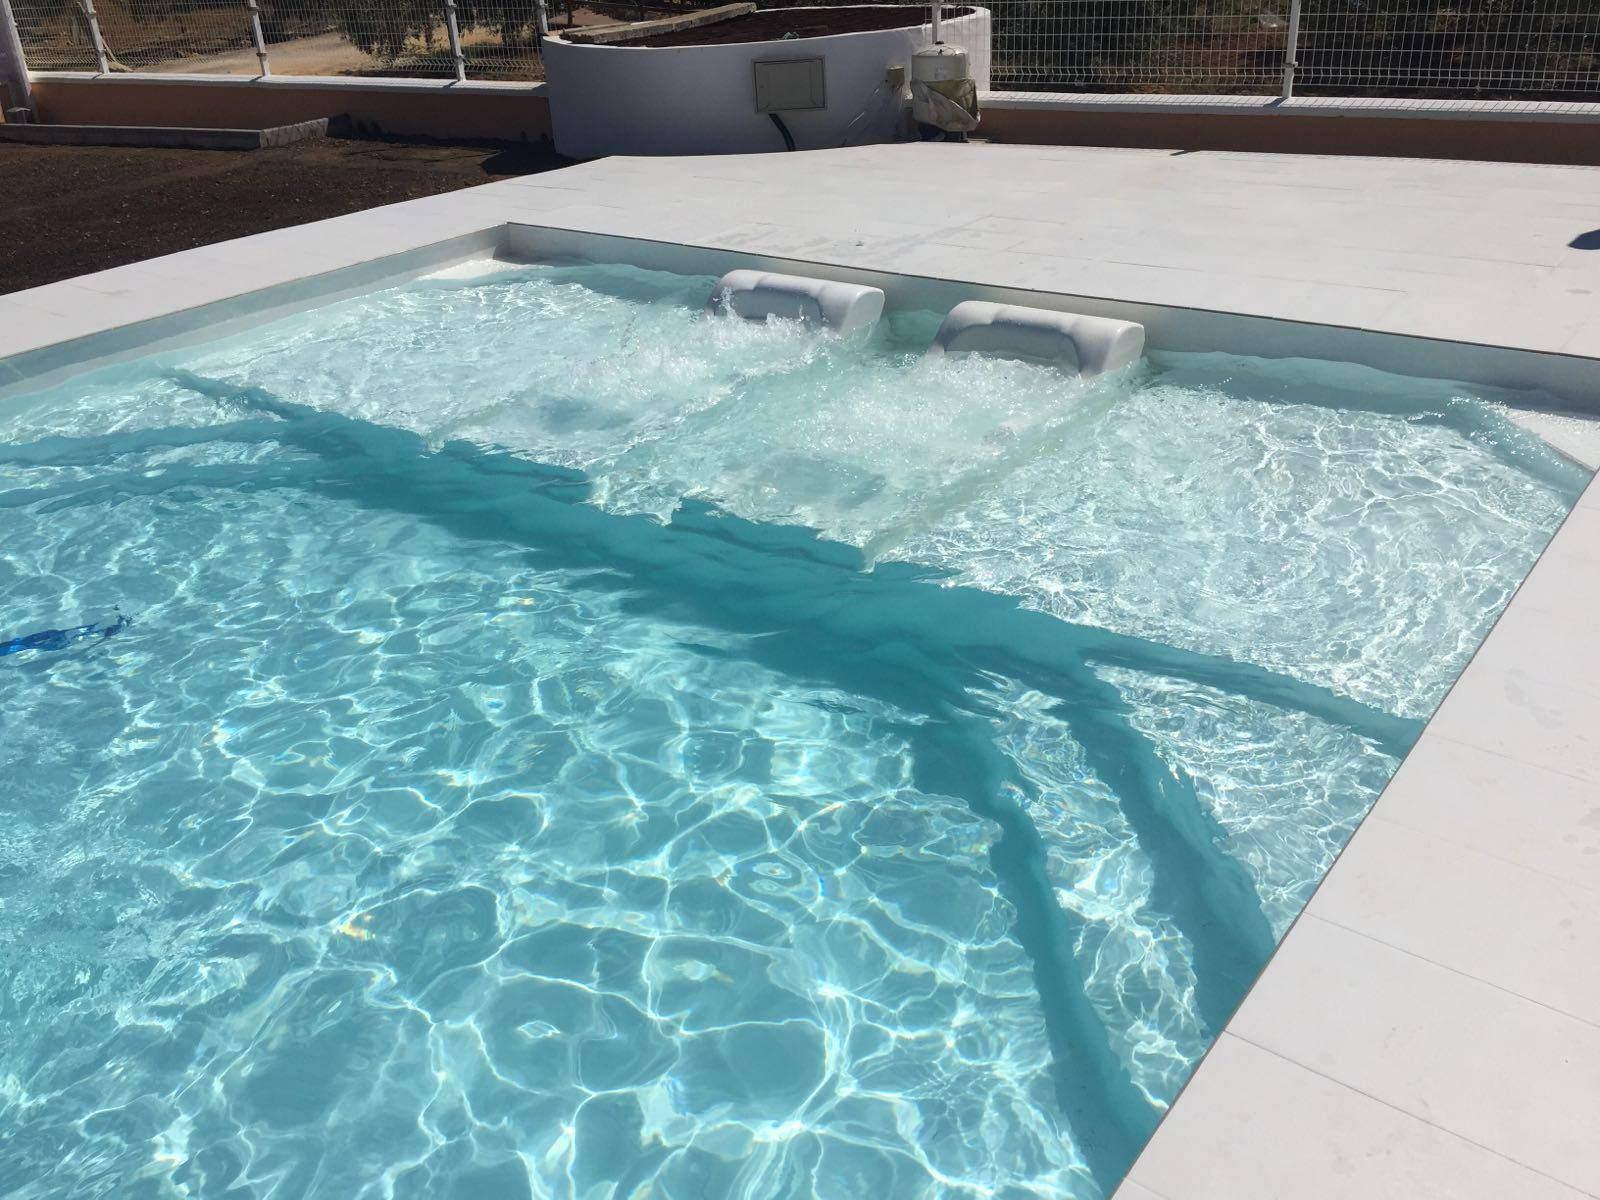 Las 5 tendencias en piscinas que querrás tener en casa